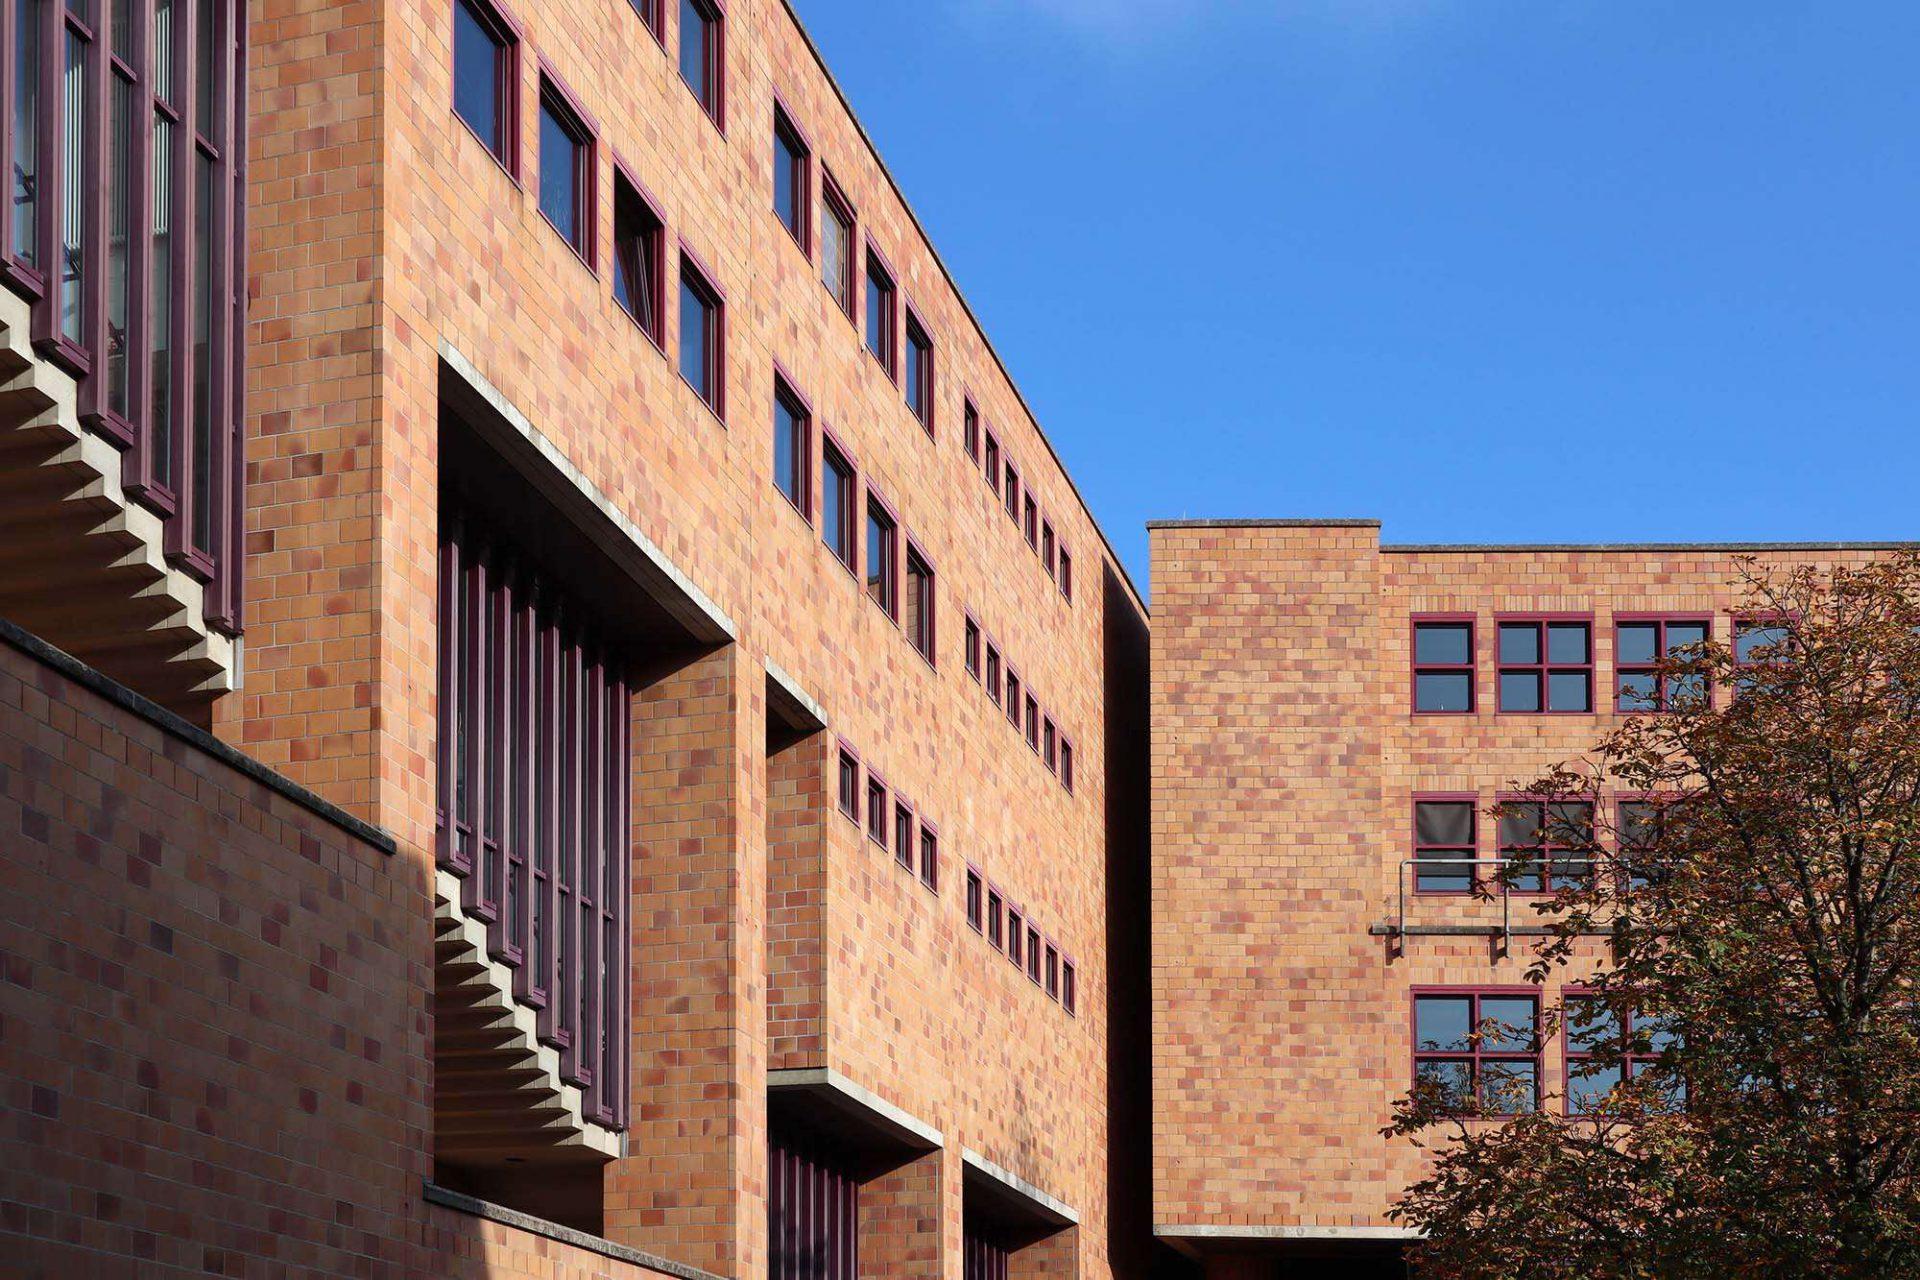 Heinrich-Hübsch-Schule. Die Nebenräume sind zu den (verkehrsreichen) Straßen ausgerichtet und haben asymmetrische Fassaden. So sind hier Außentreppen sichtbar. Die Verklinkerung verweist auf die durch Heinrich Hübsch (1795–1863, Architekt und großherzöglicher Baubeamter in Karlsruhe) begründete Tradition der Ziegelbauten.